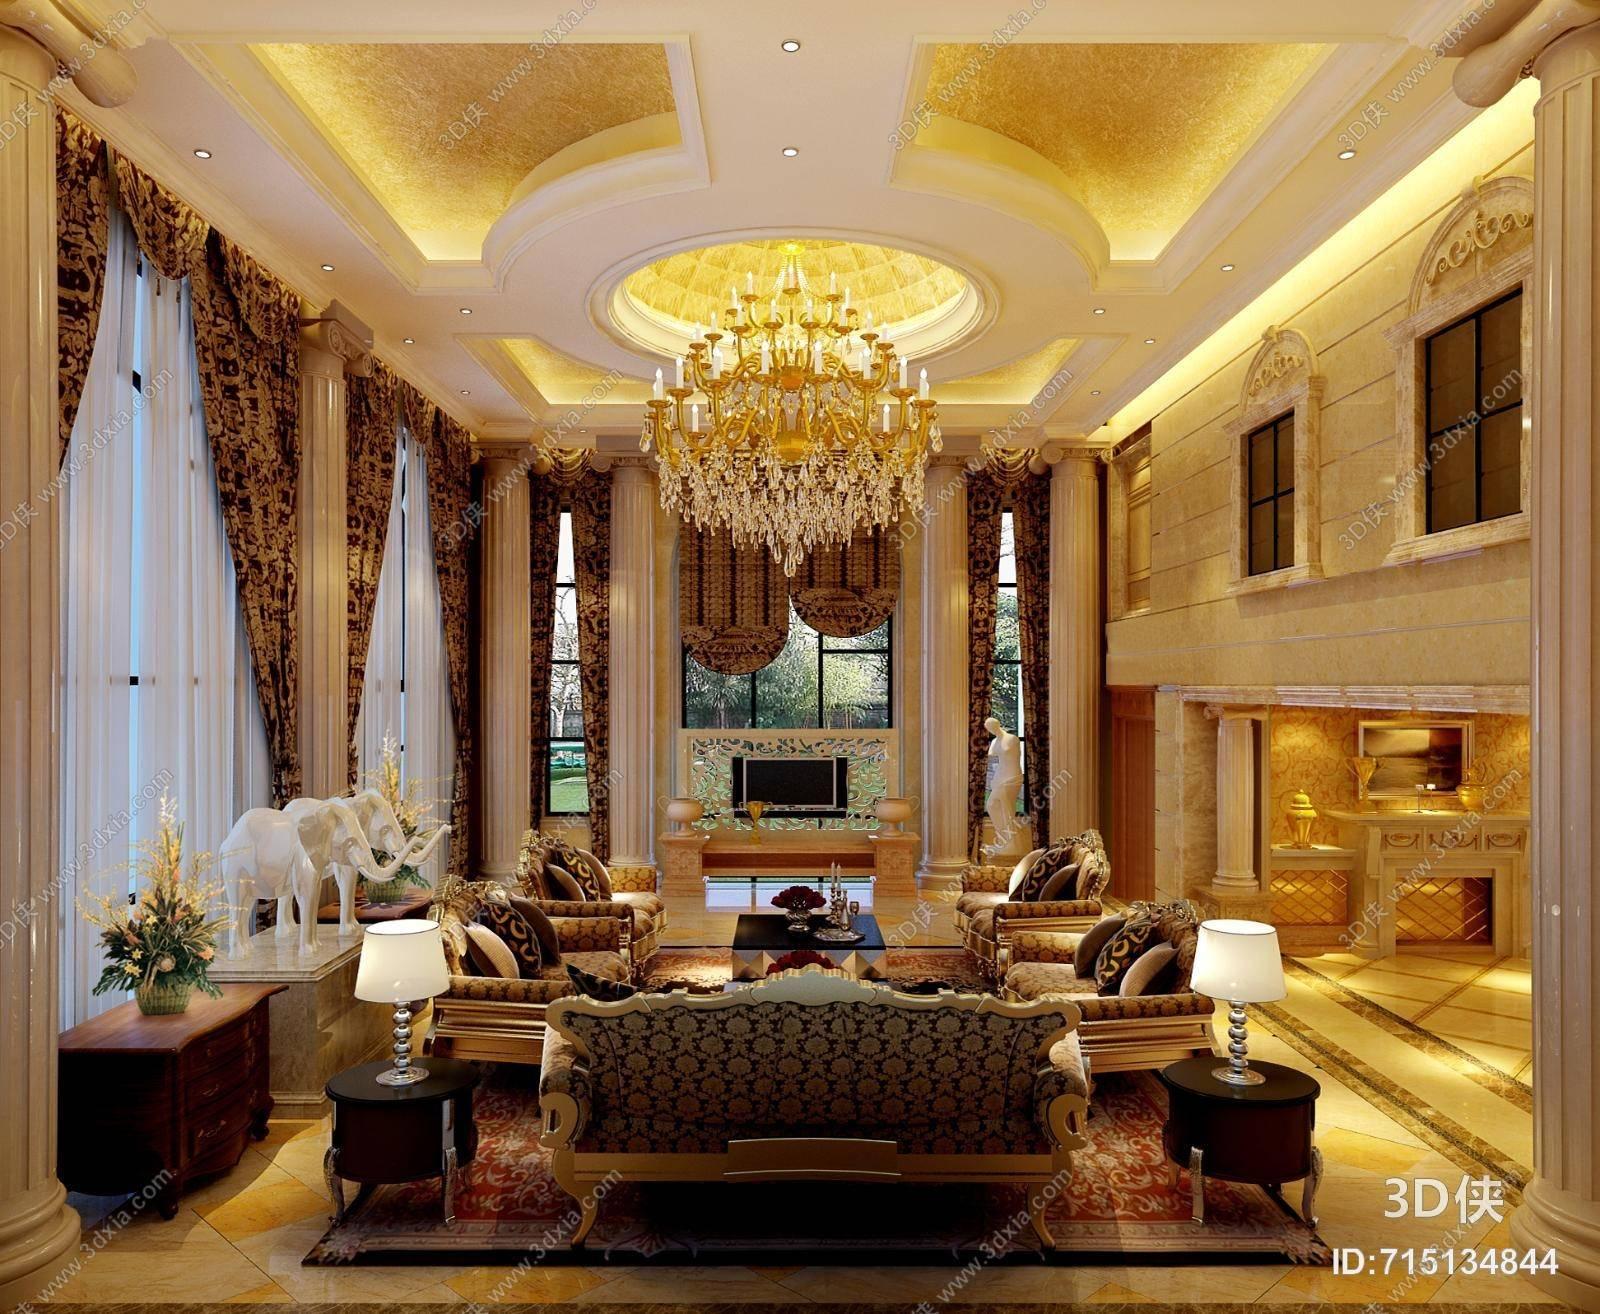 欧式古典金色别墅客厅 欧式古典棕色布艺沙发茶几组合 欧式古典金色